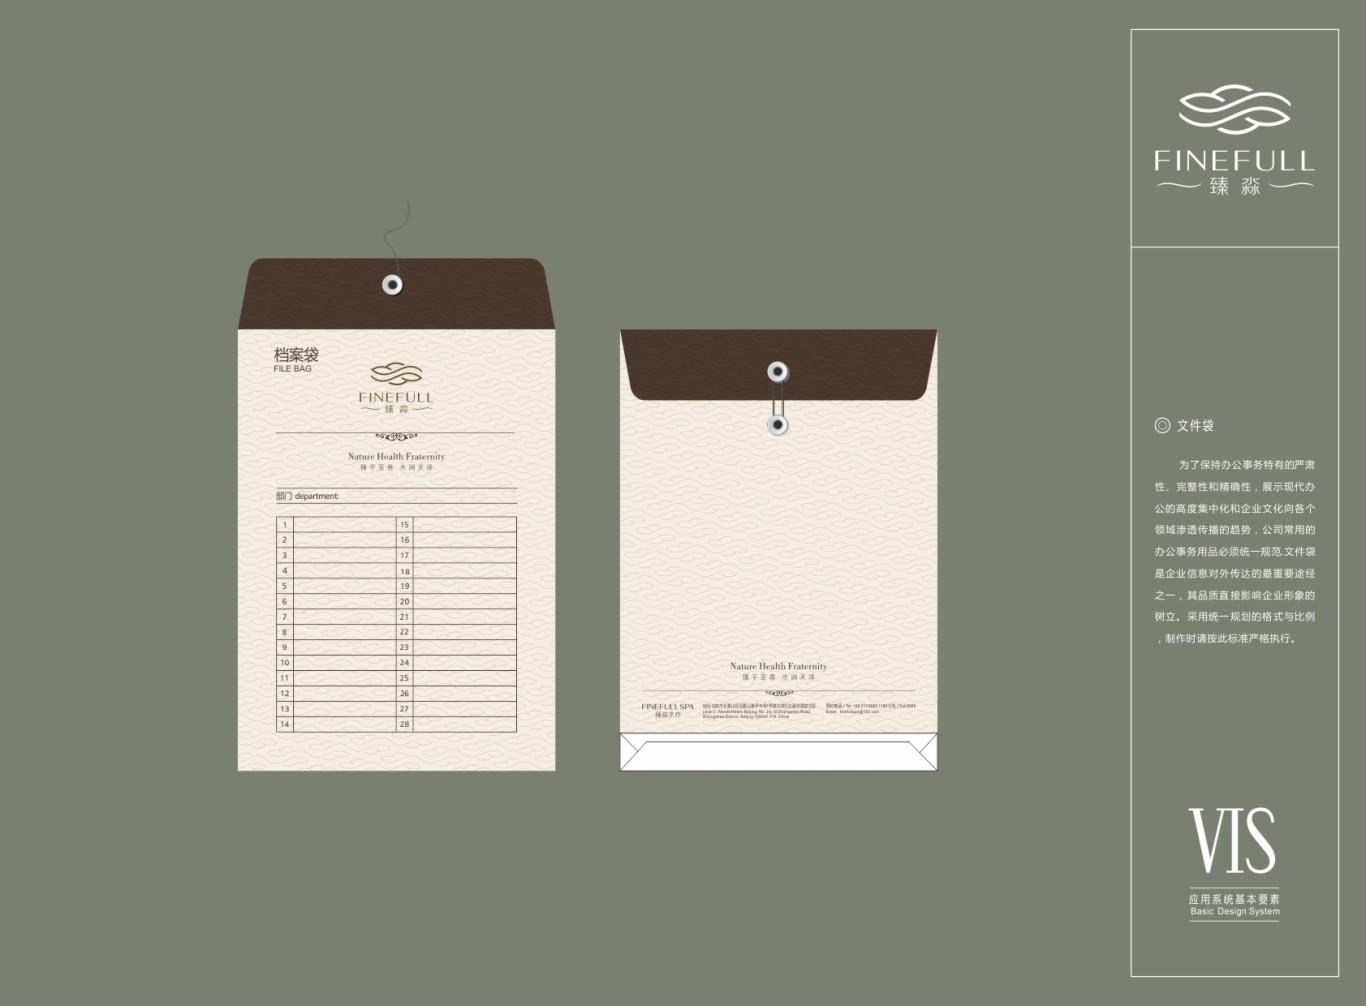 北京五星级FINEFULL-SPA水疗中心标志及VI设计图23